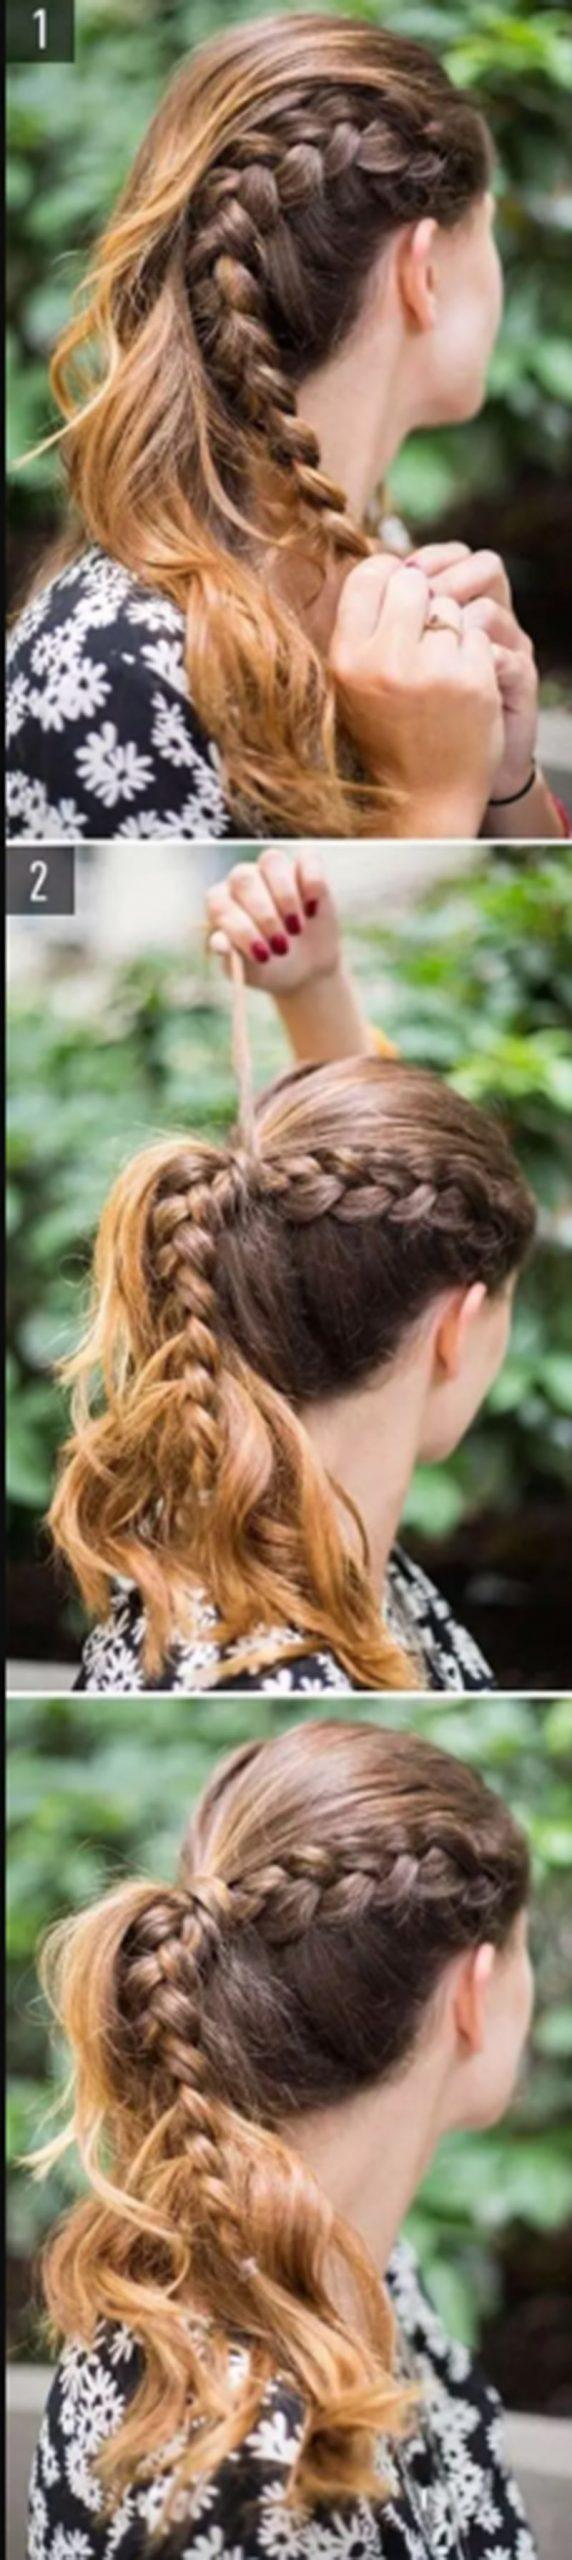 Búi tóc đuôi ngựa Hà Lan